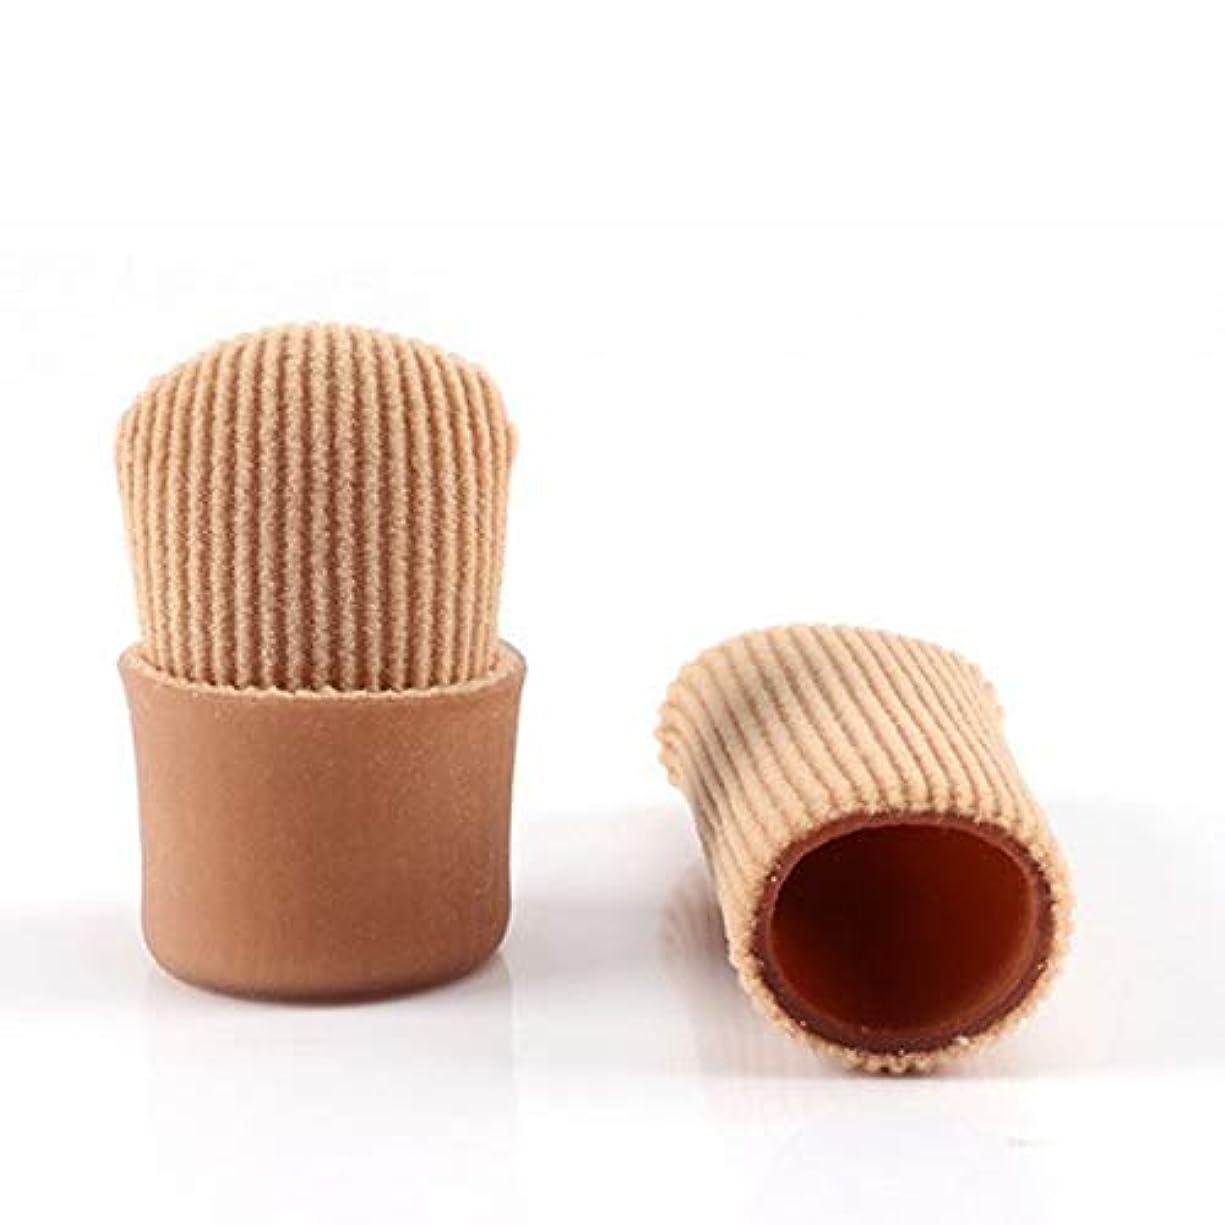 それにもかかわらず代わりにを立てる好きであるOpen Toe Tubes Gel Lined Fabric Sleeve Protectors To Prevent Corns, Calluses And Blisters While Softening And...